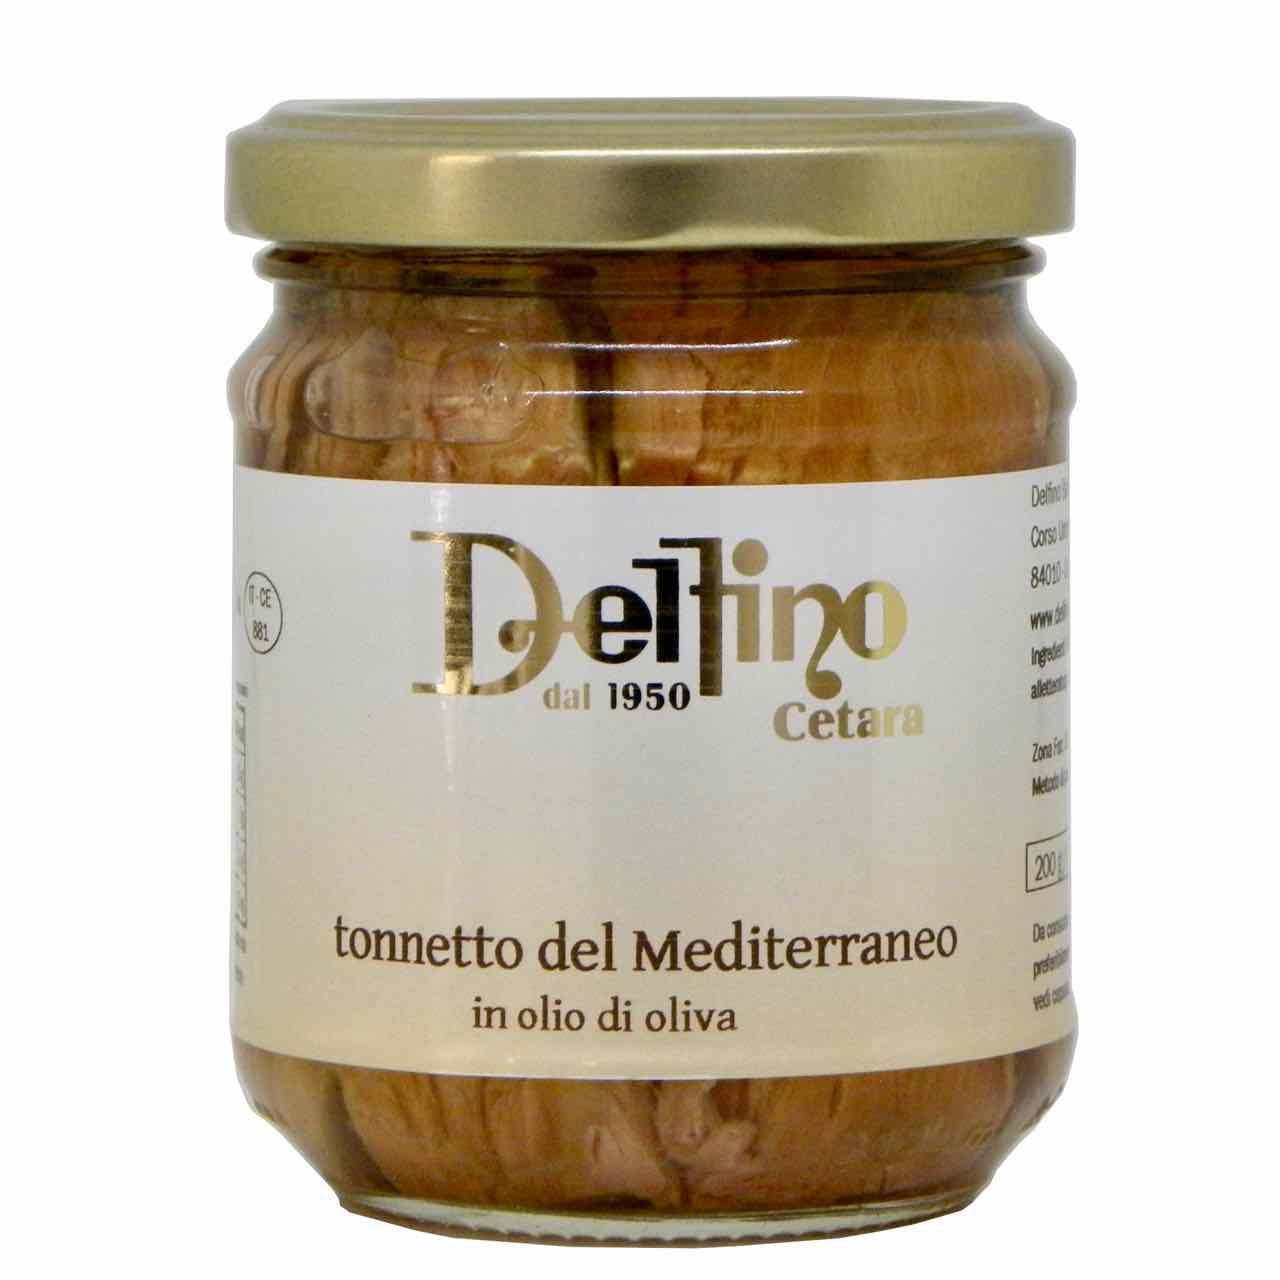 tonnetto-mediterraneo-Delfino-Battista